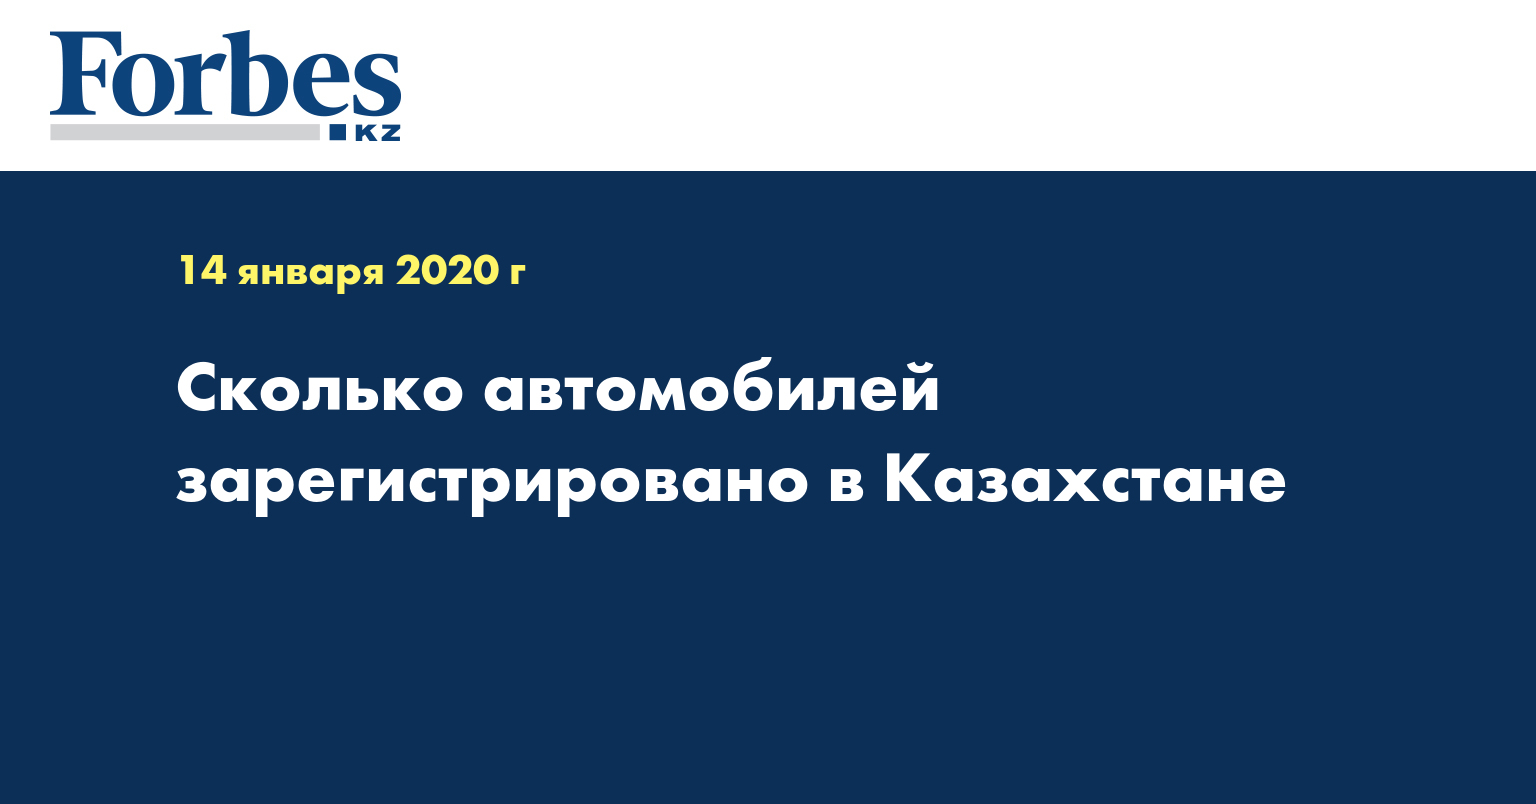 Сколько автомобилей зарегистрировано в Казахстане